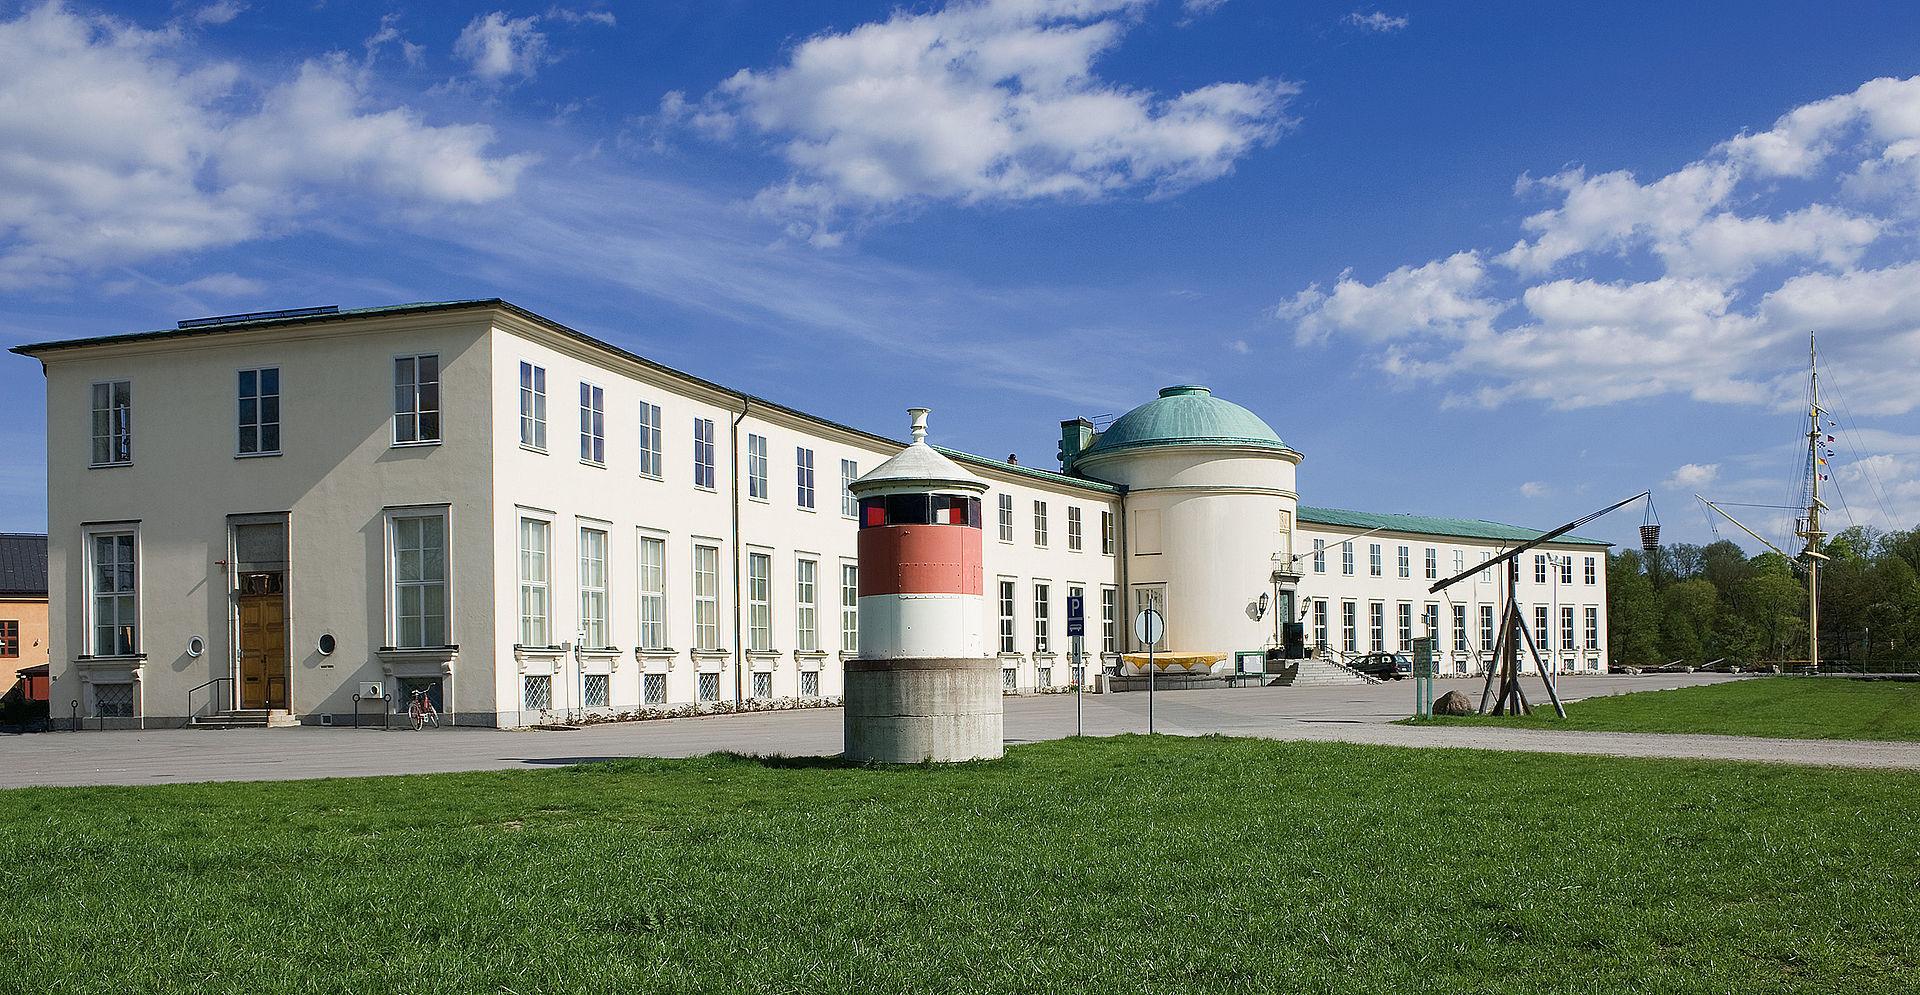 36 швSjöhistoriska_museet_2008.jpg